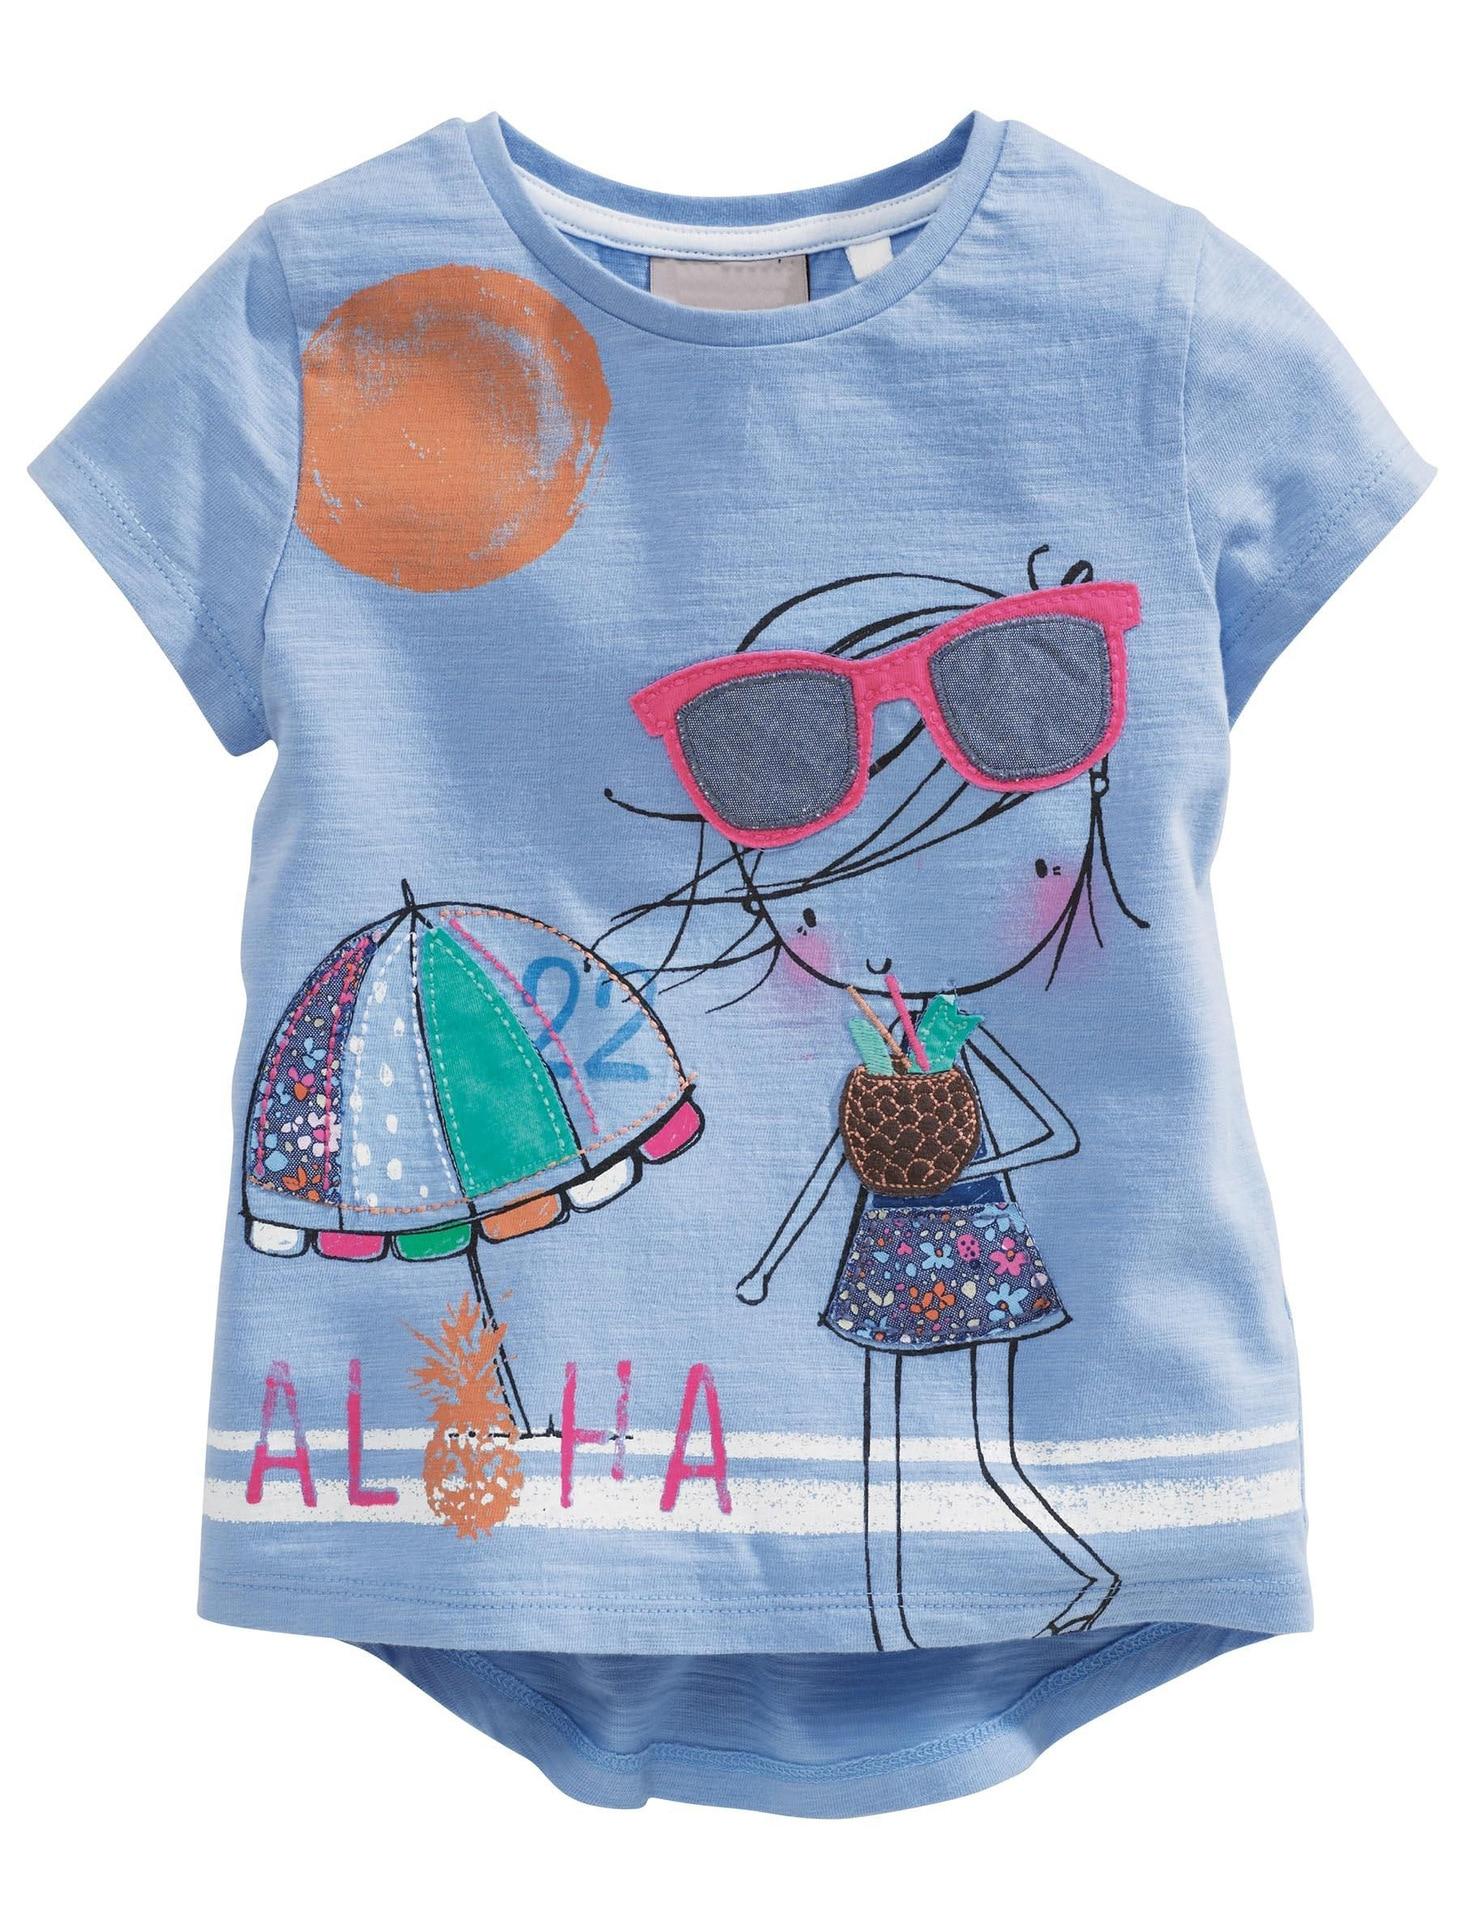 82a08bd9ce33 Dropwow Brand Summer Girls T-shirts Cartoon Short-sleeved Girl Tops ...